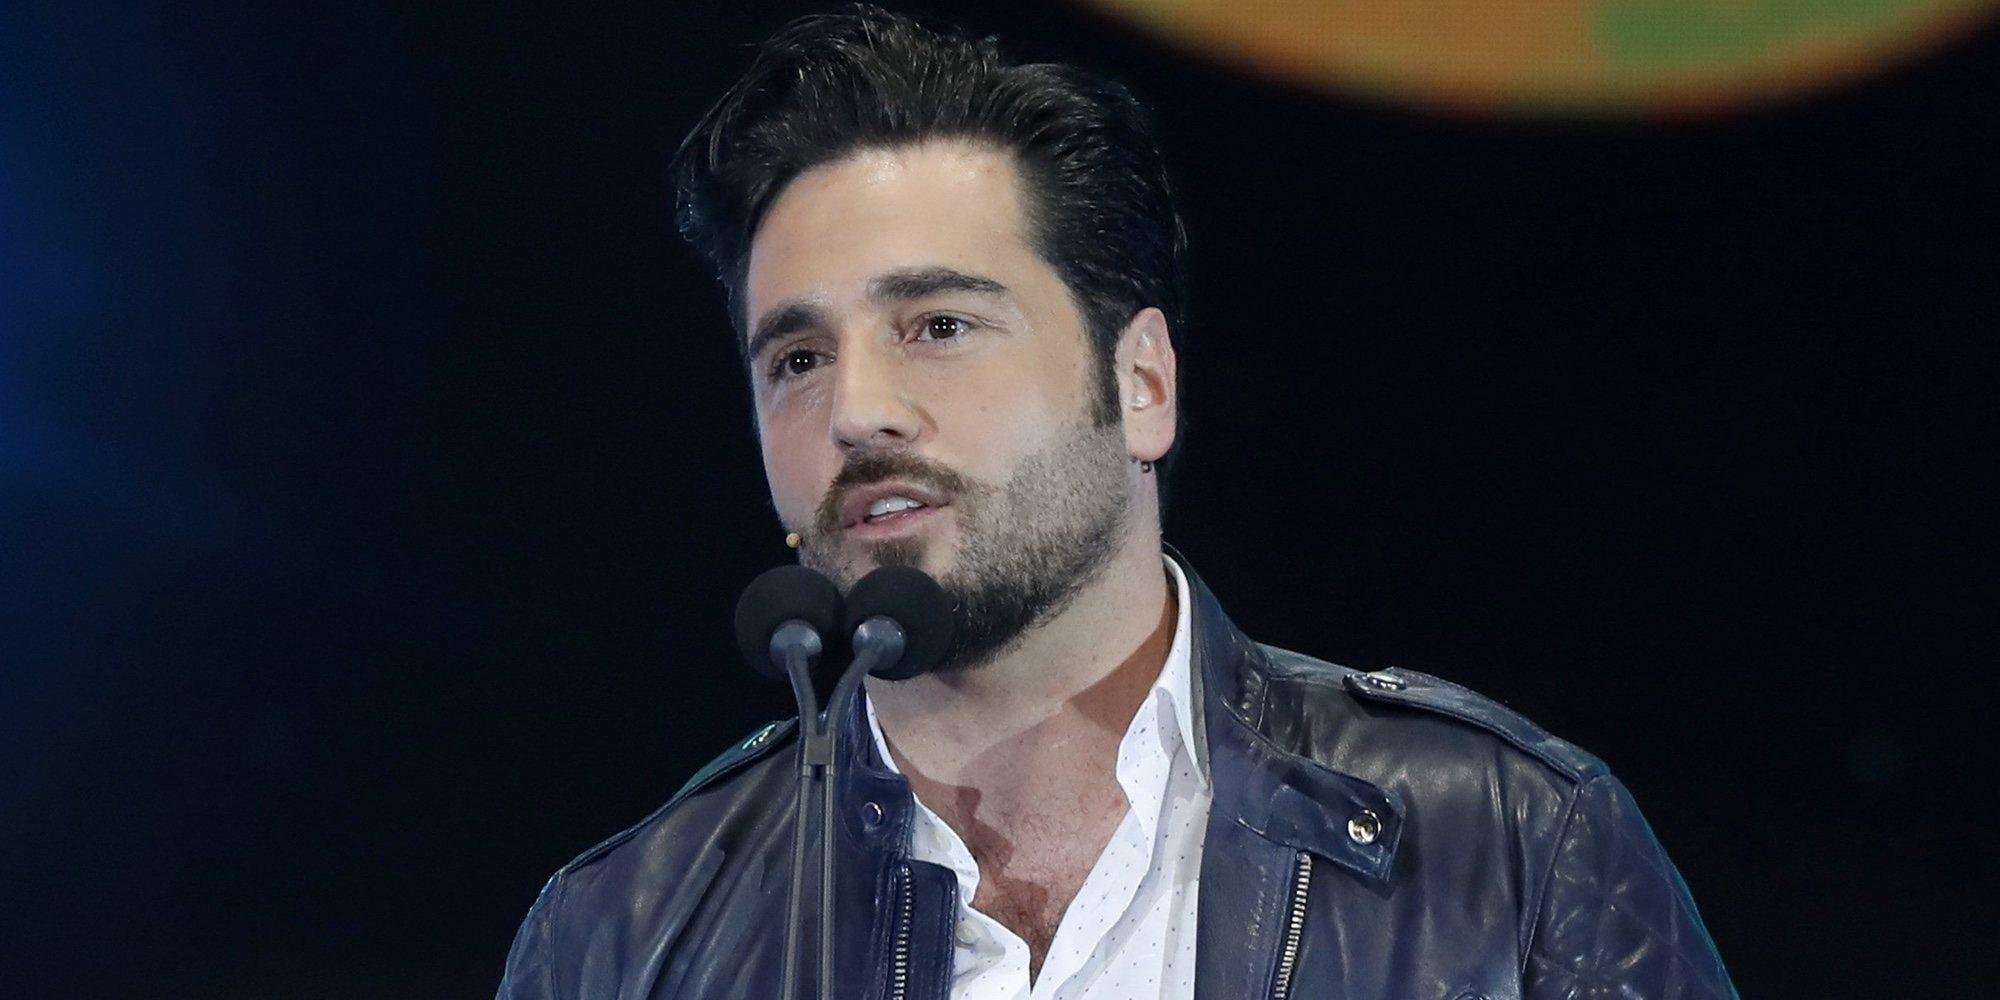 David Bustamante y sus horas más bajas: El cantante está pasando apuros económicos